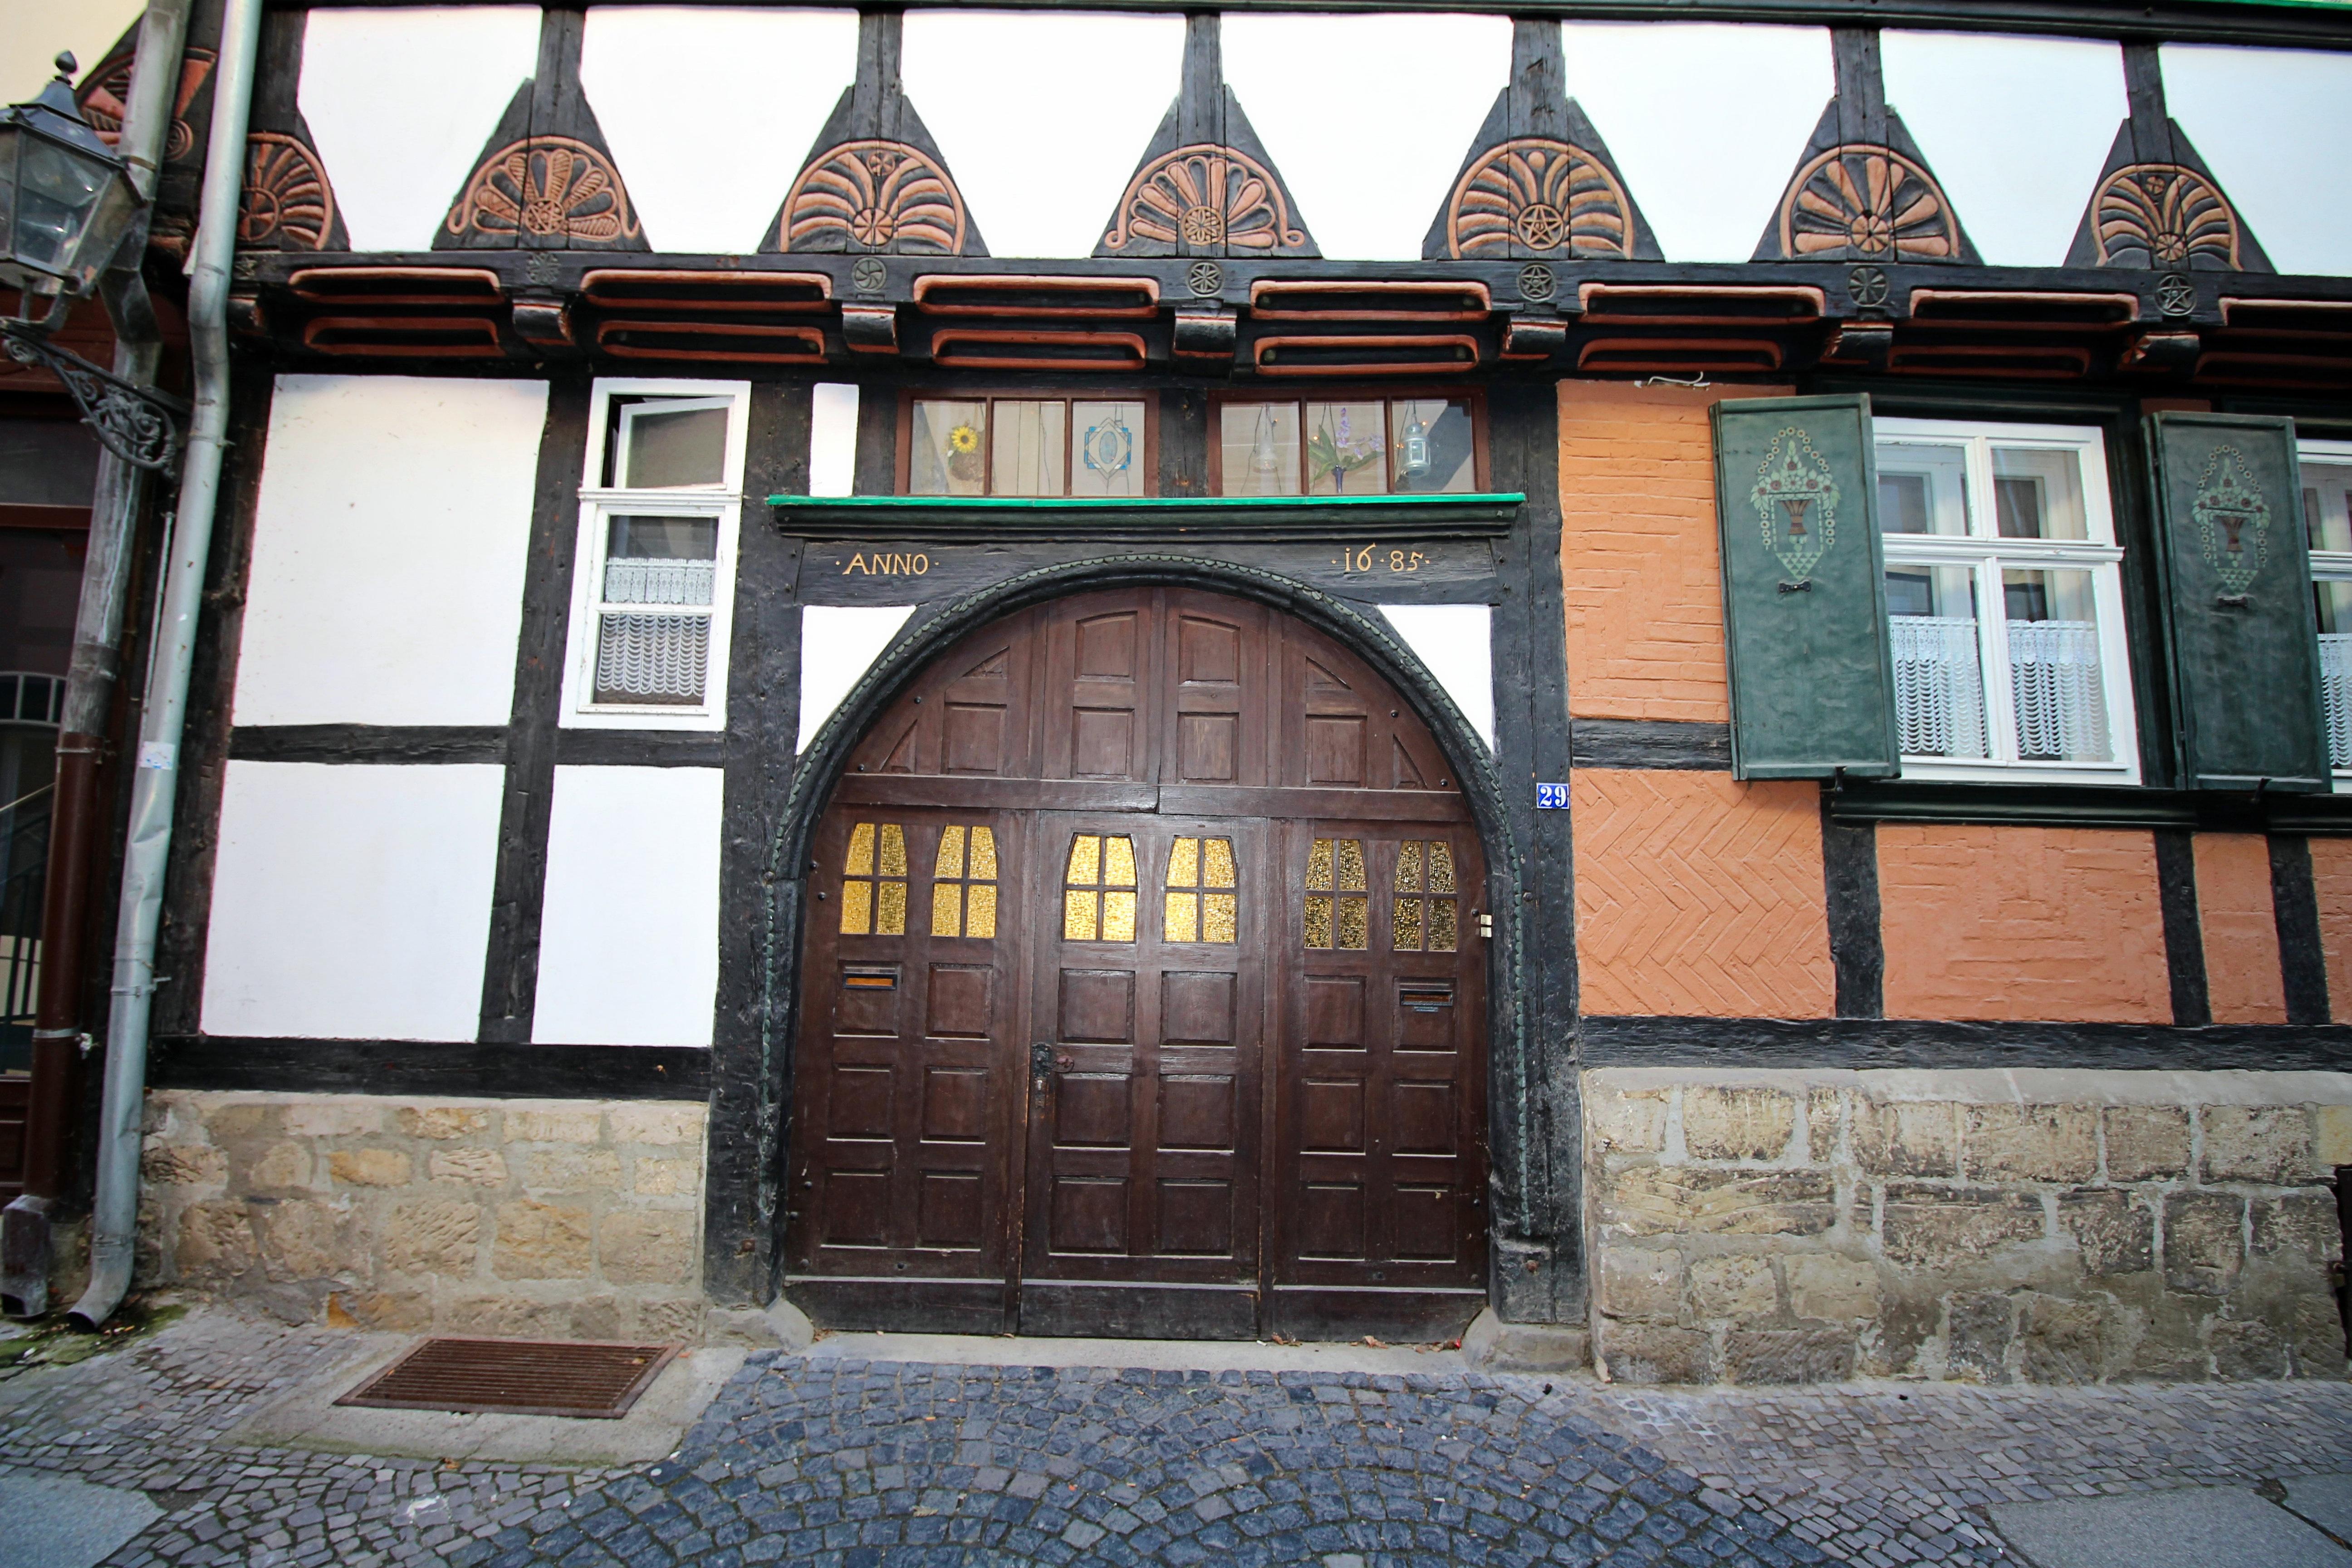 Innenarchitekt Quedlinburg kostenlose foto die architektur haus fenster gebäude zuhause